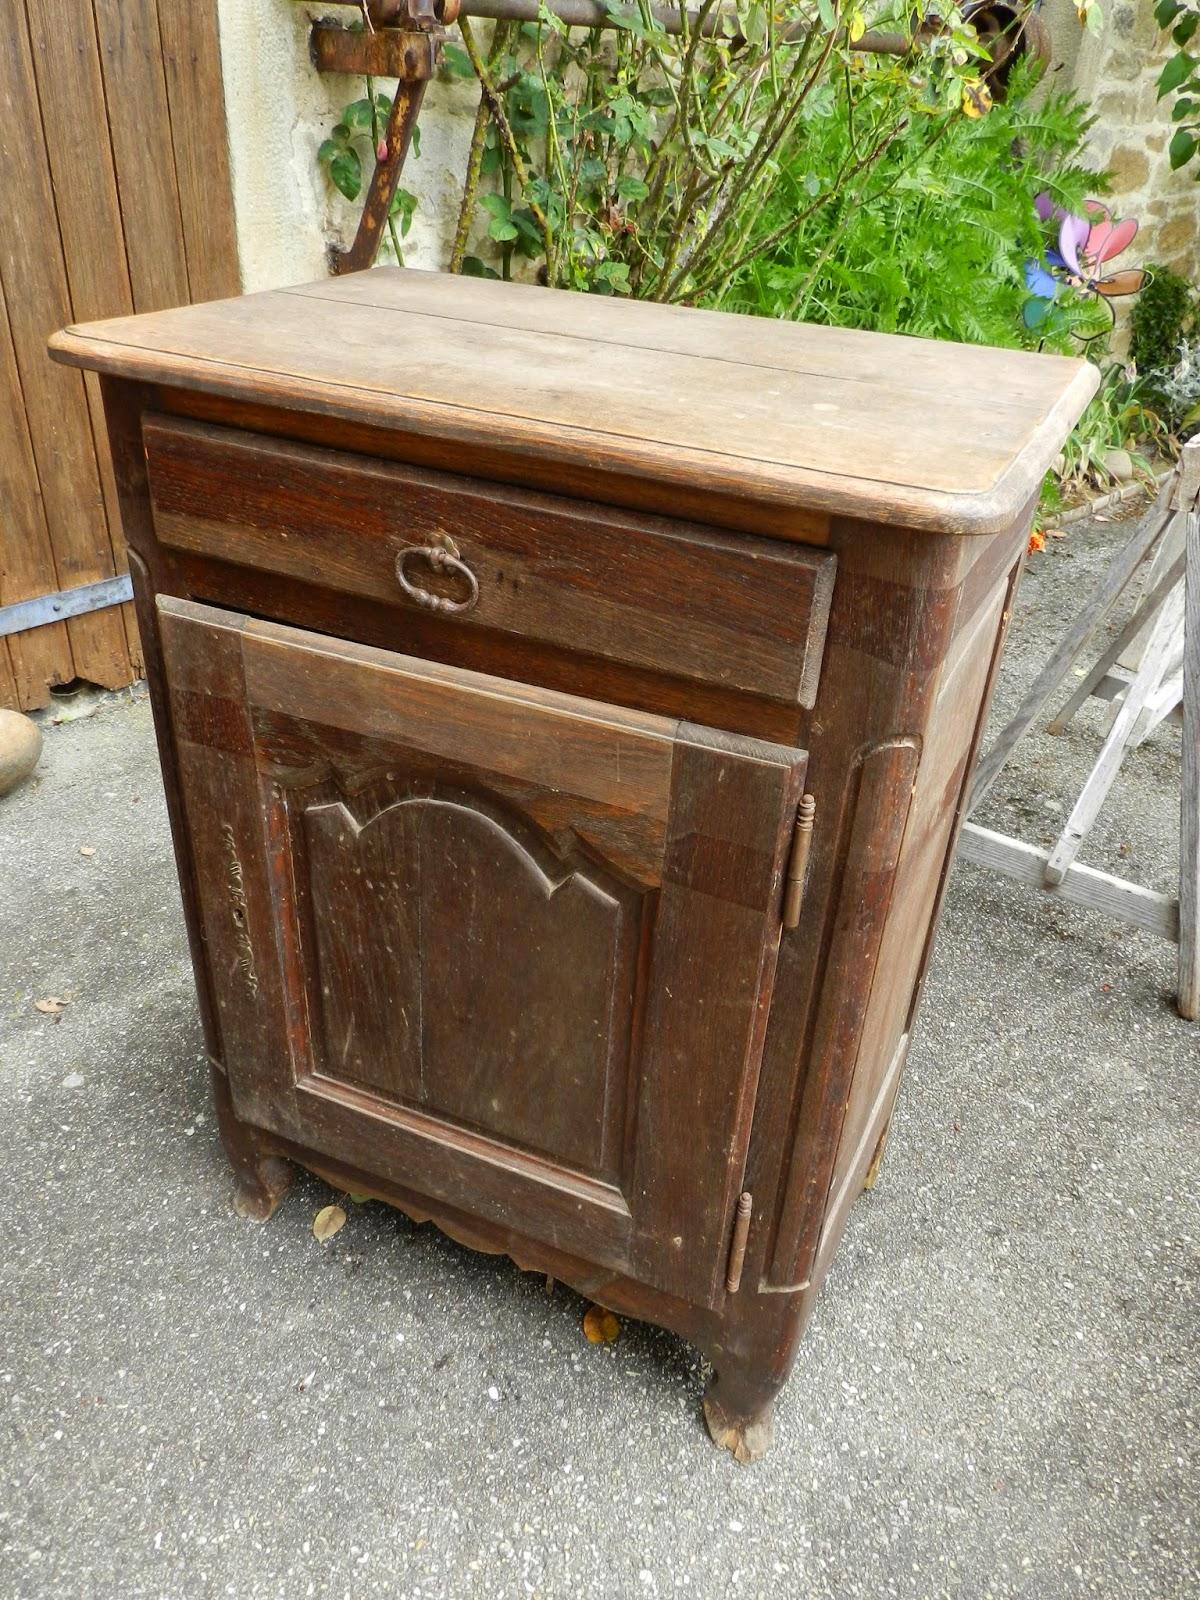 La sourigolote octobre 2014 for Moderniser des vieux meubles